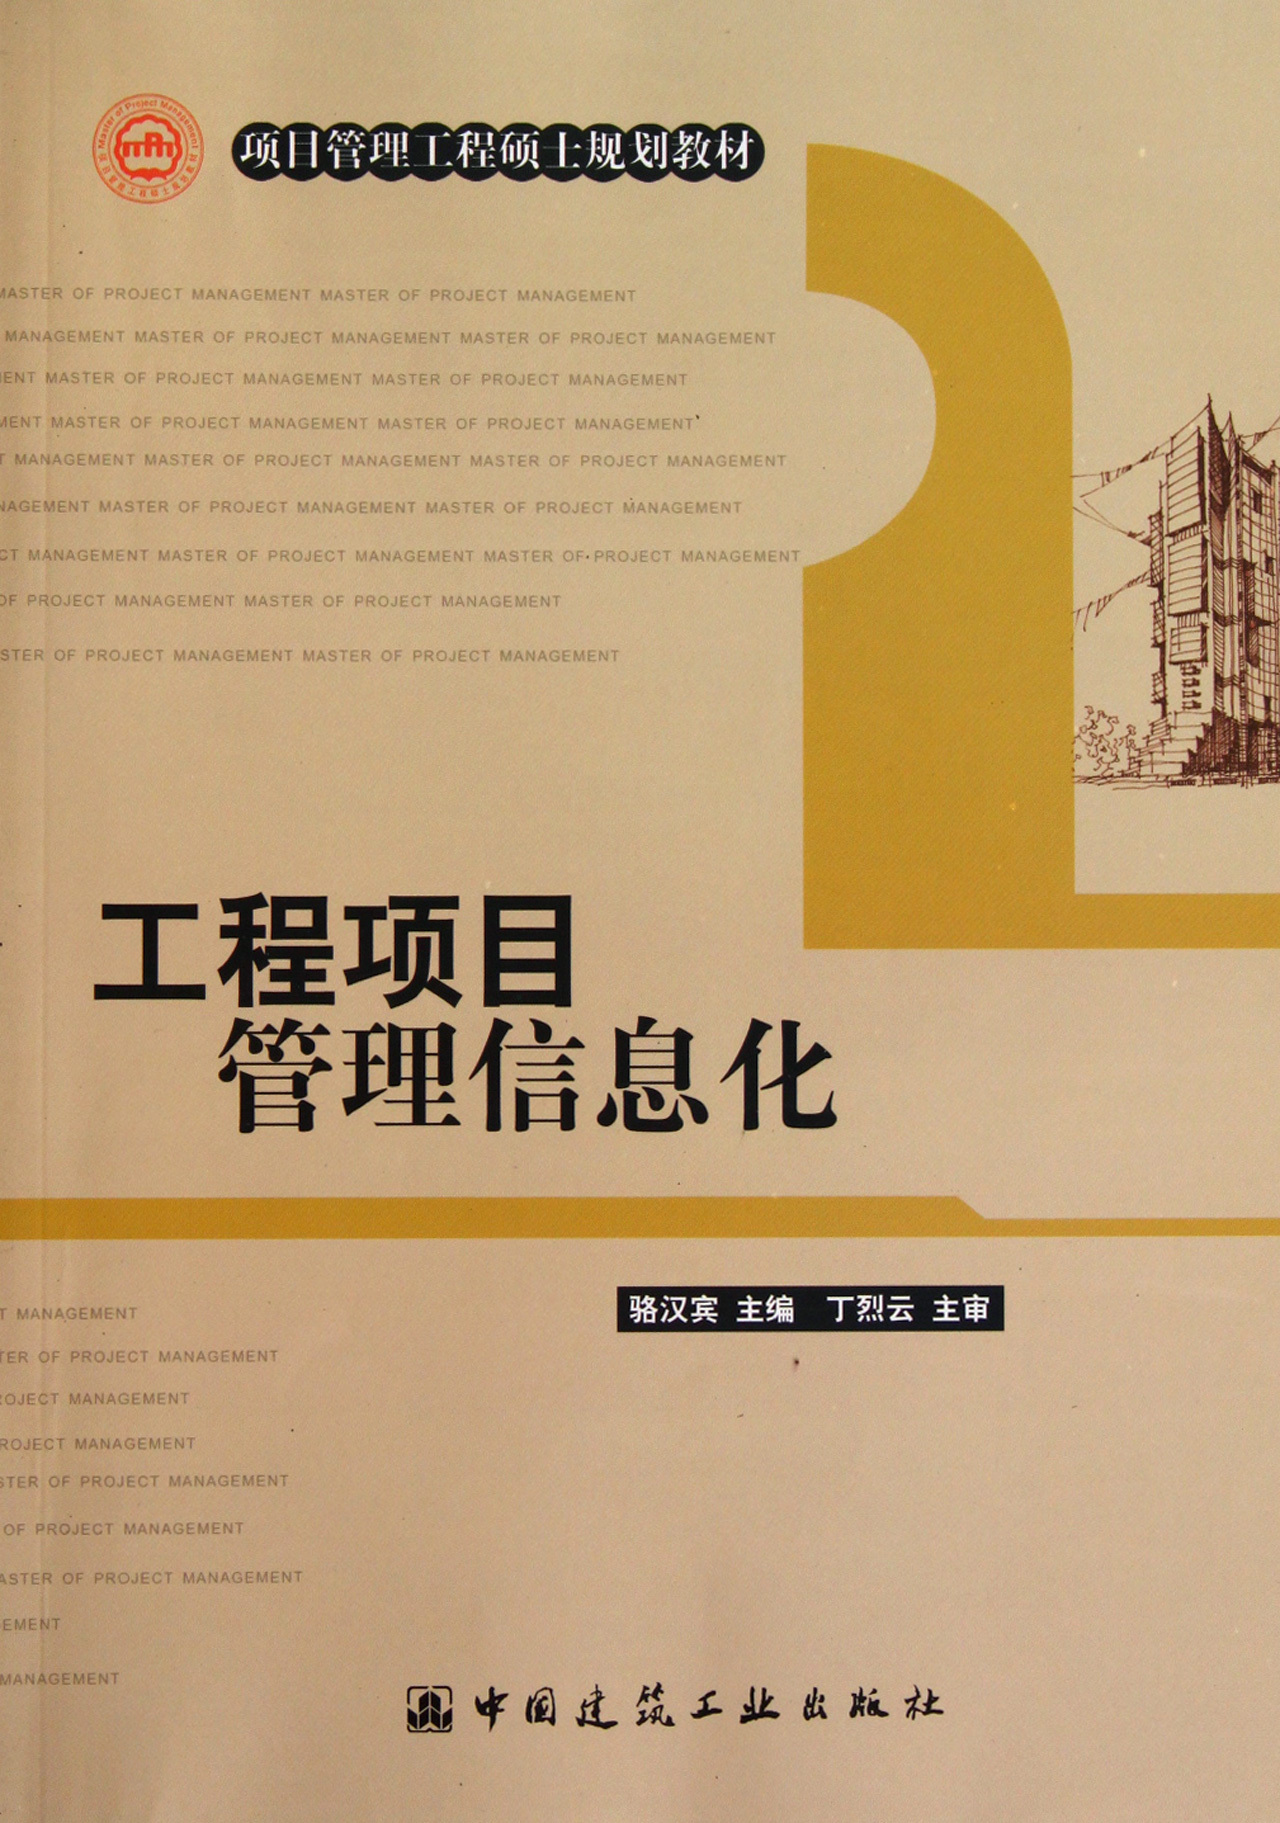 工程项目信息化管理